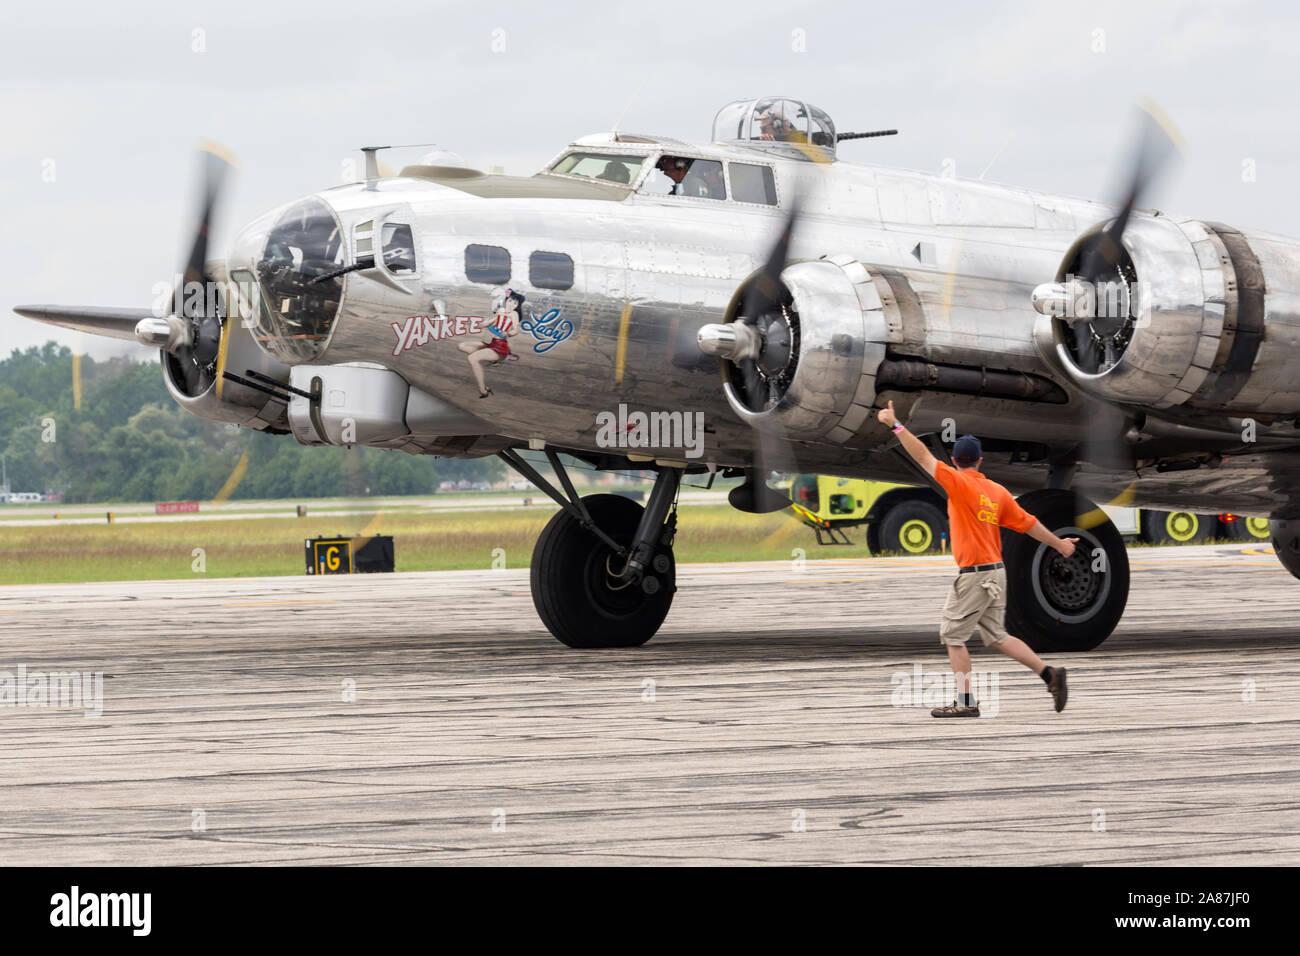 YPSILANTI, Michigan/USA - 25. August 2018: einen Zweiten Weltkrieg B-17 Flying Fortress an der Thunder 2018 über Michigan Airshow. Stockfoto